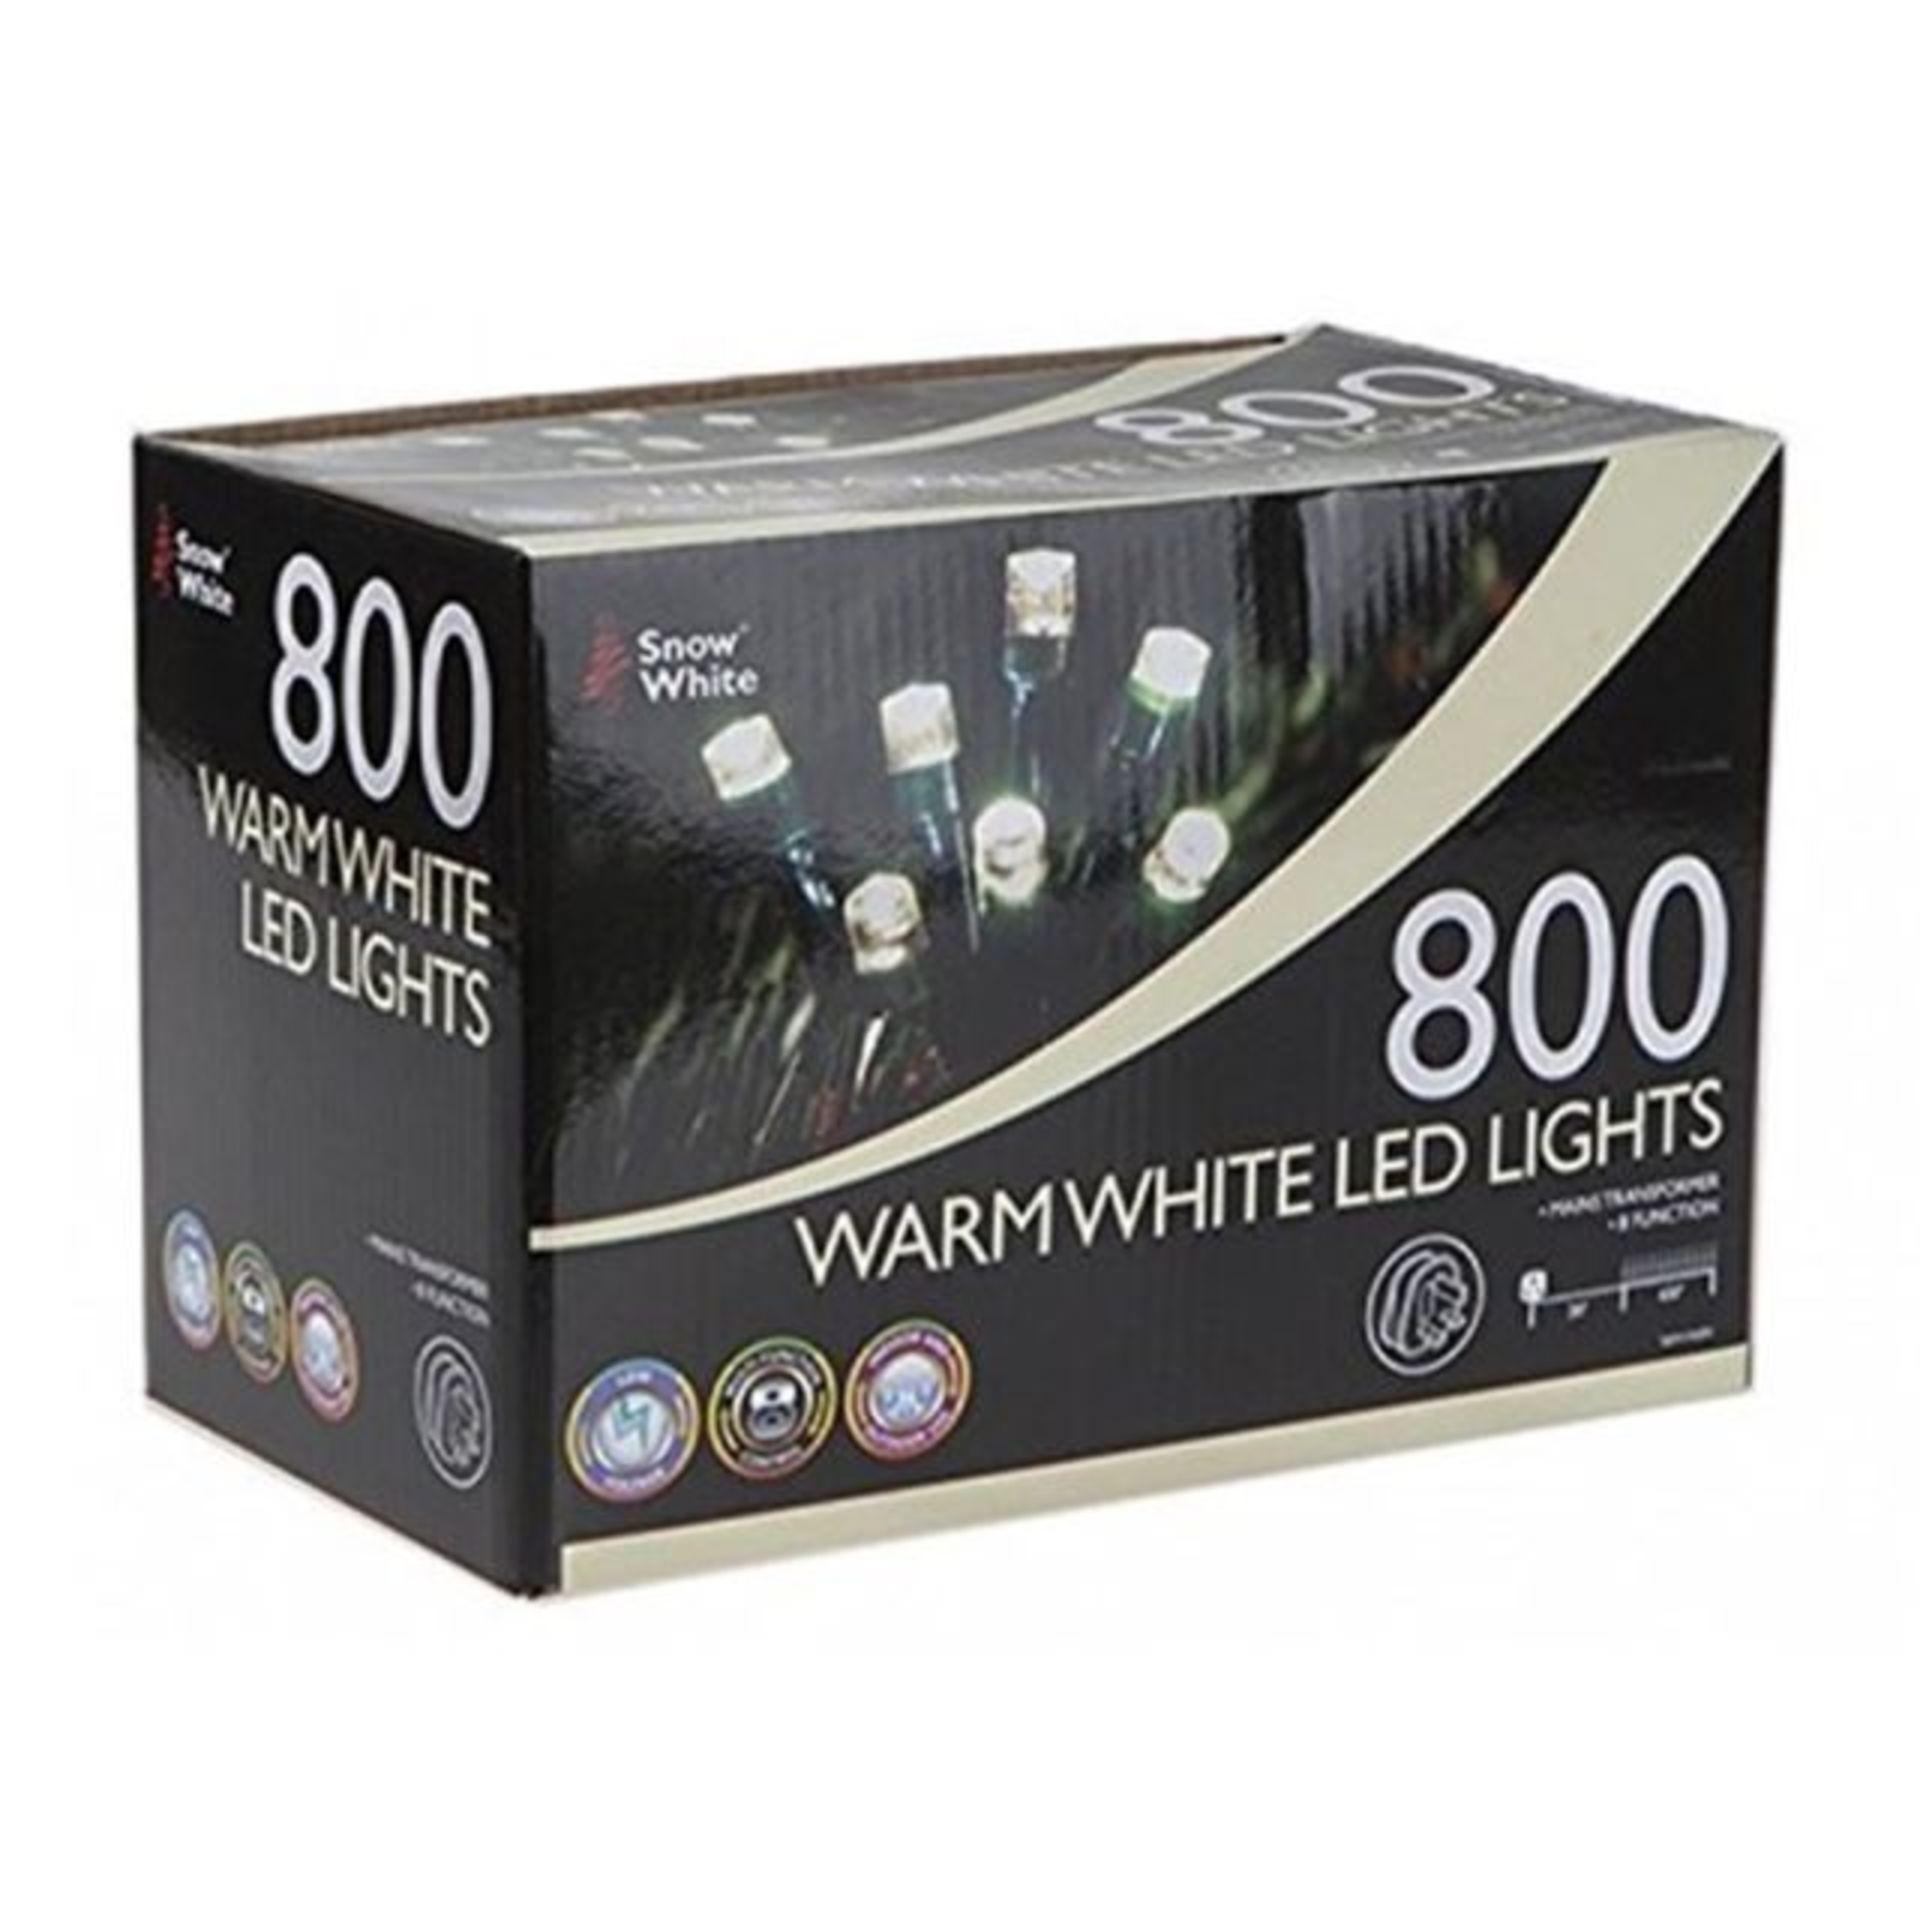 Lot 18034 - V Brand New 800 Warm White LED Multi Function Christmas Lights